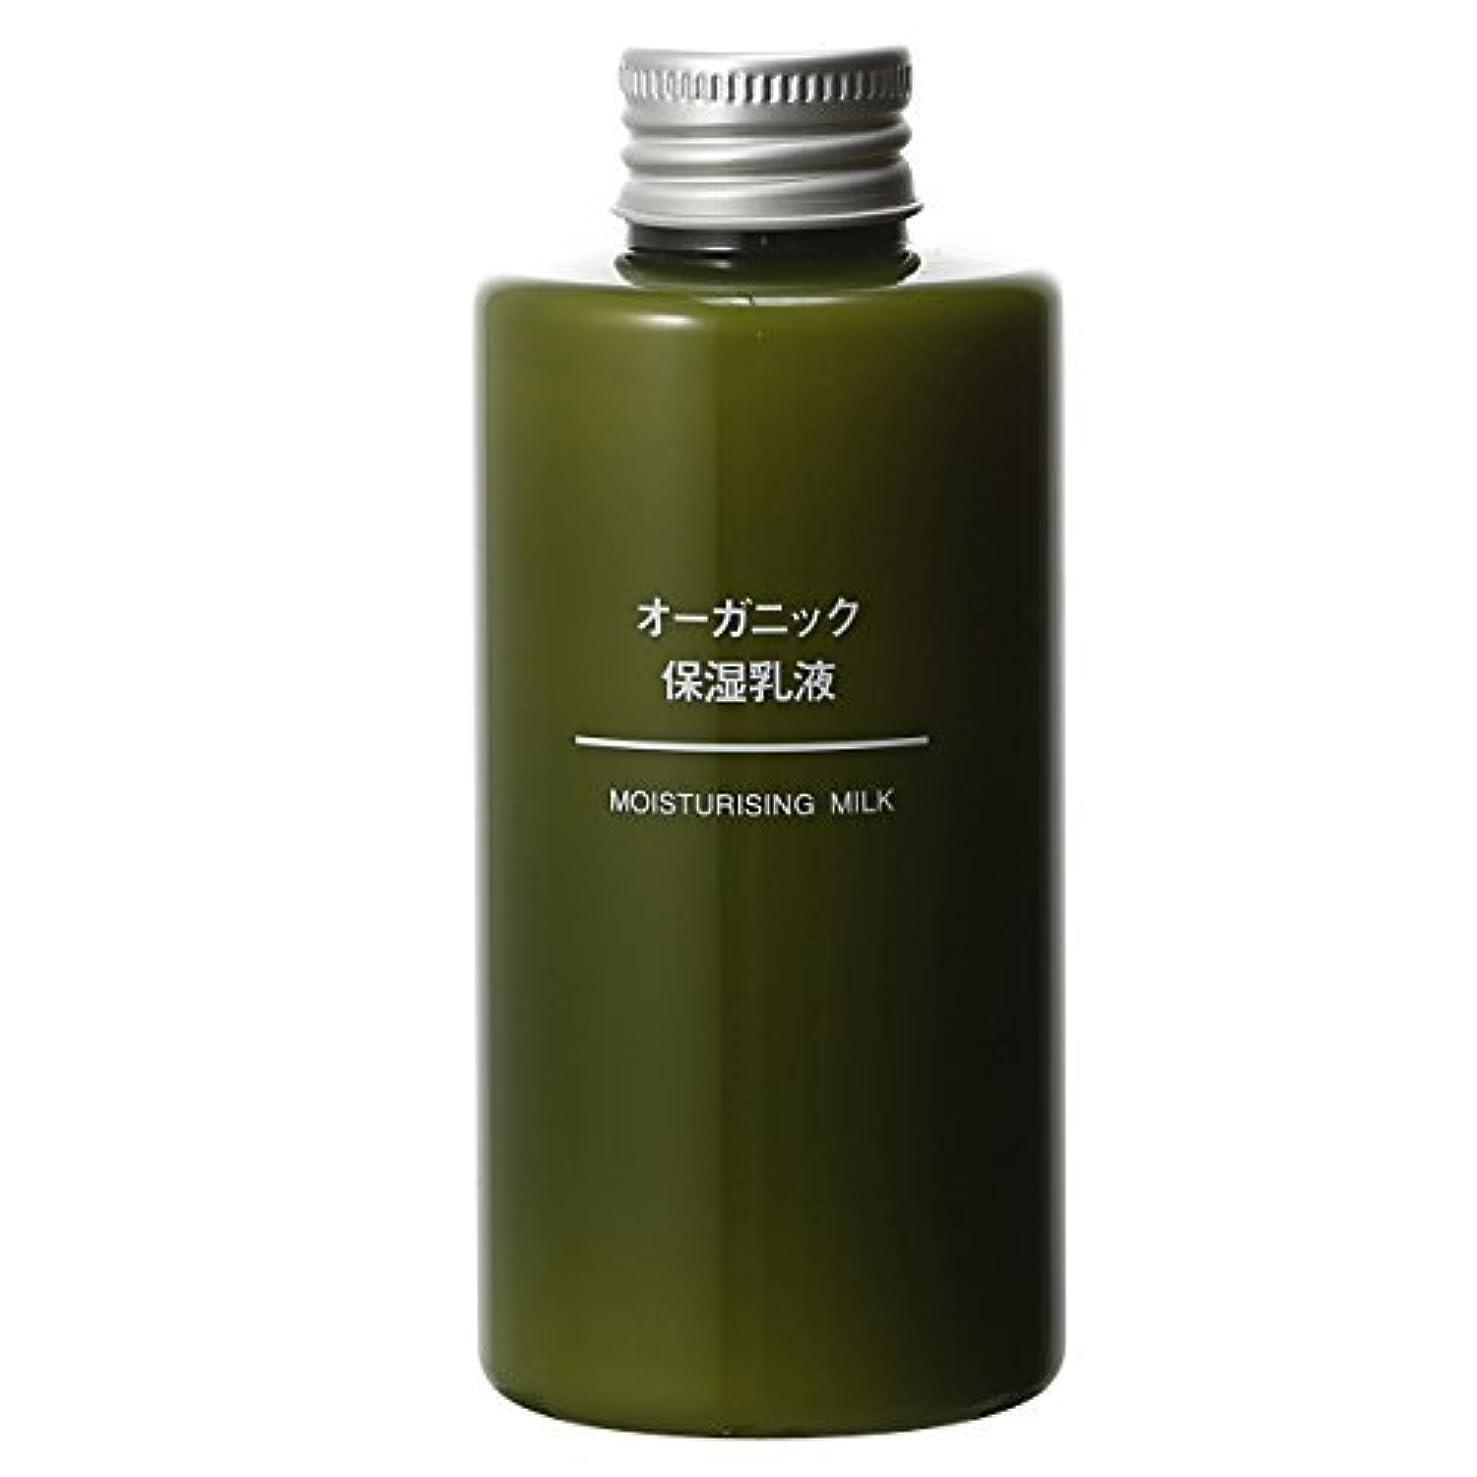 ヒステリックホバーハプニング無印良品 オーガニック保湿乳液 150ml